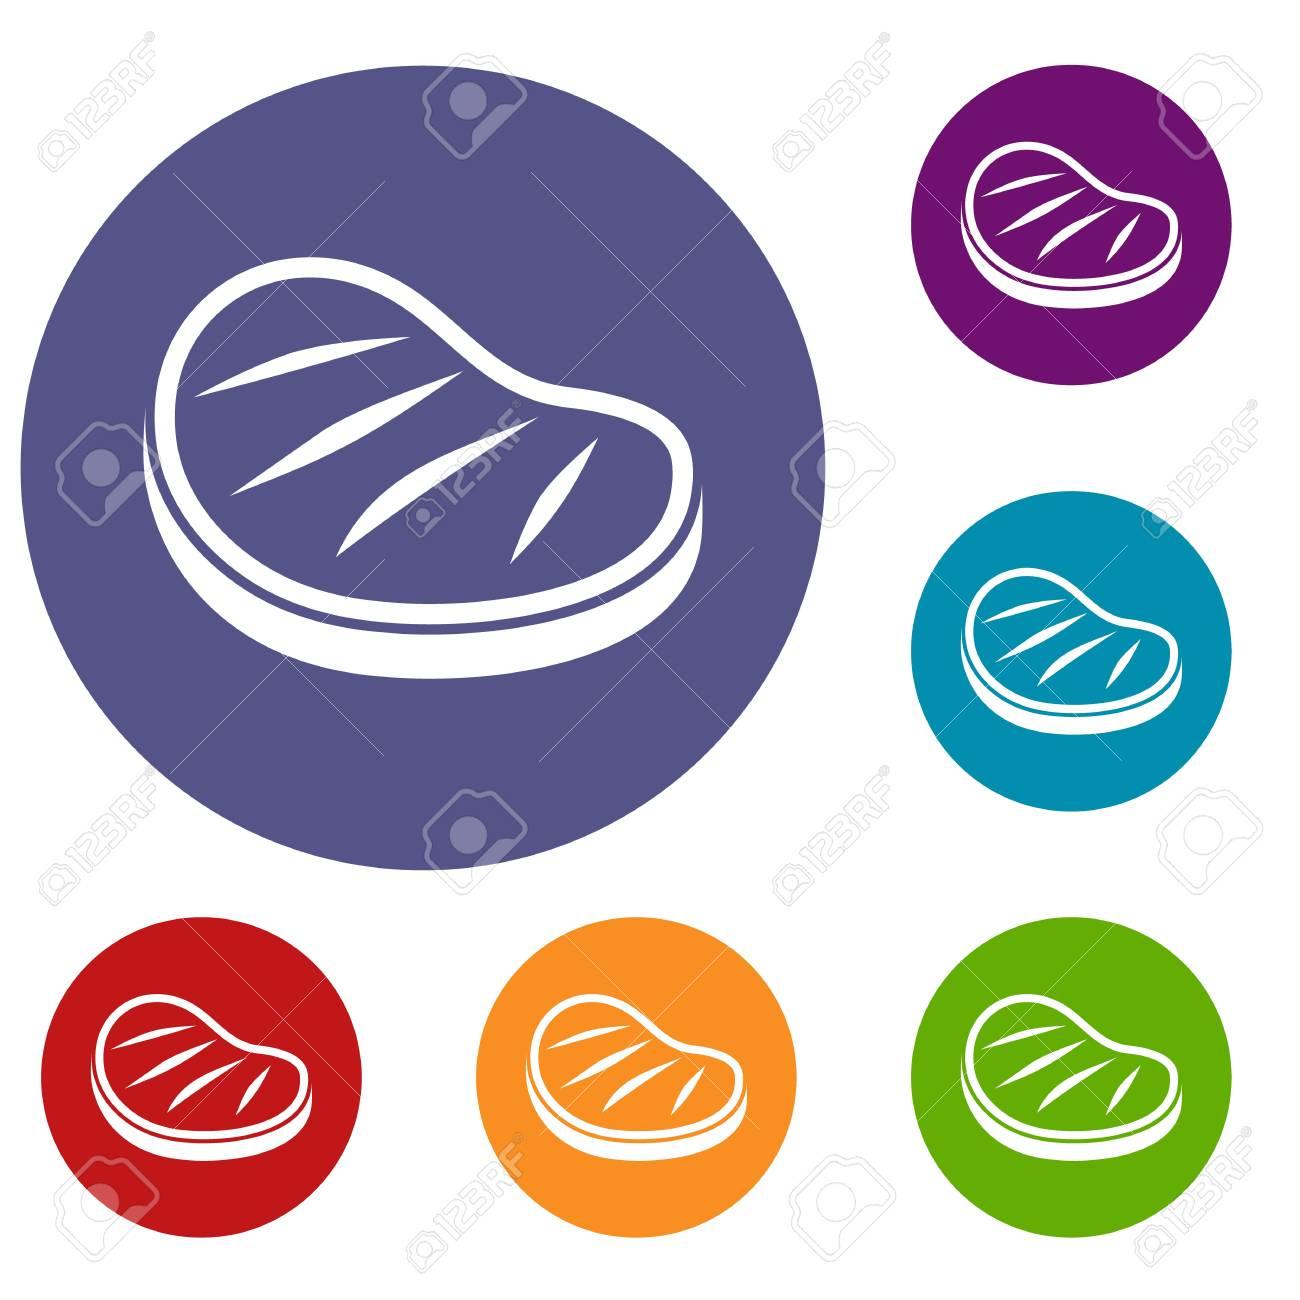 Foto de archivo - Iconos de filete de carne en círculo plano de color rojo 36090f4604b